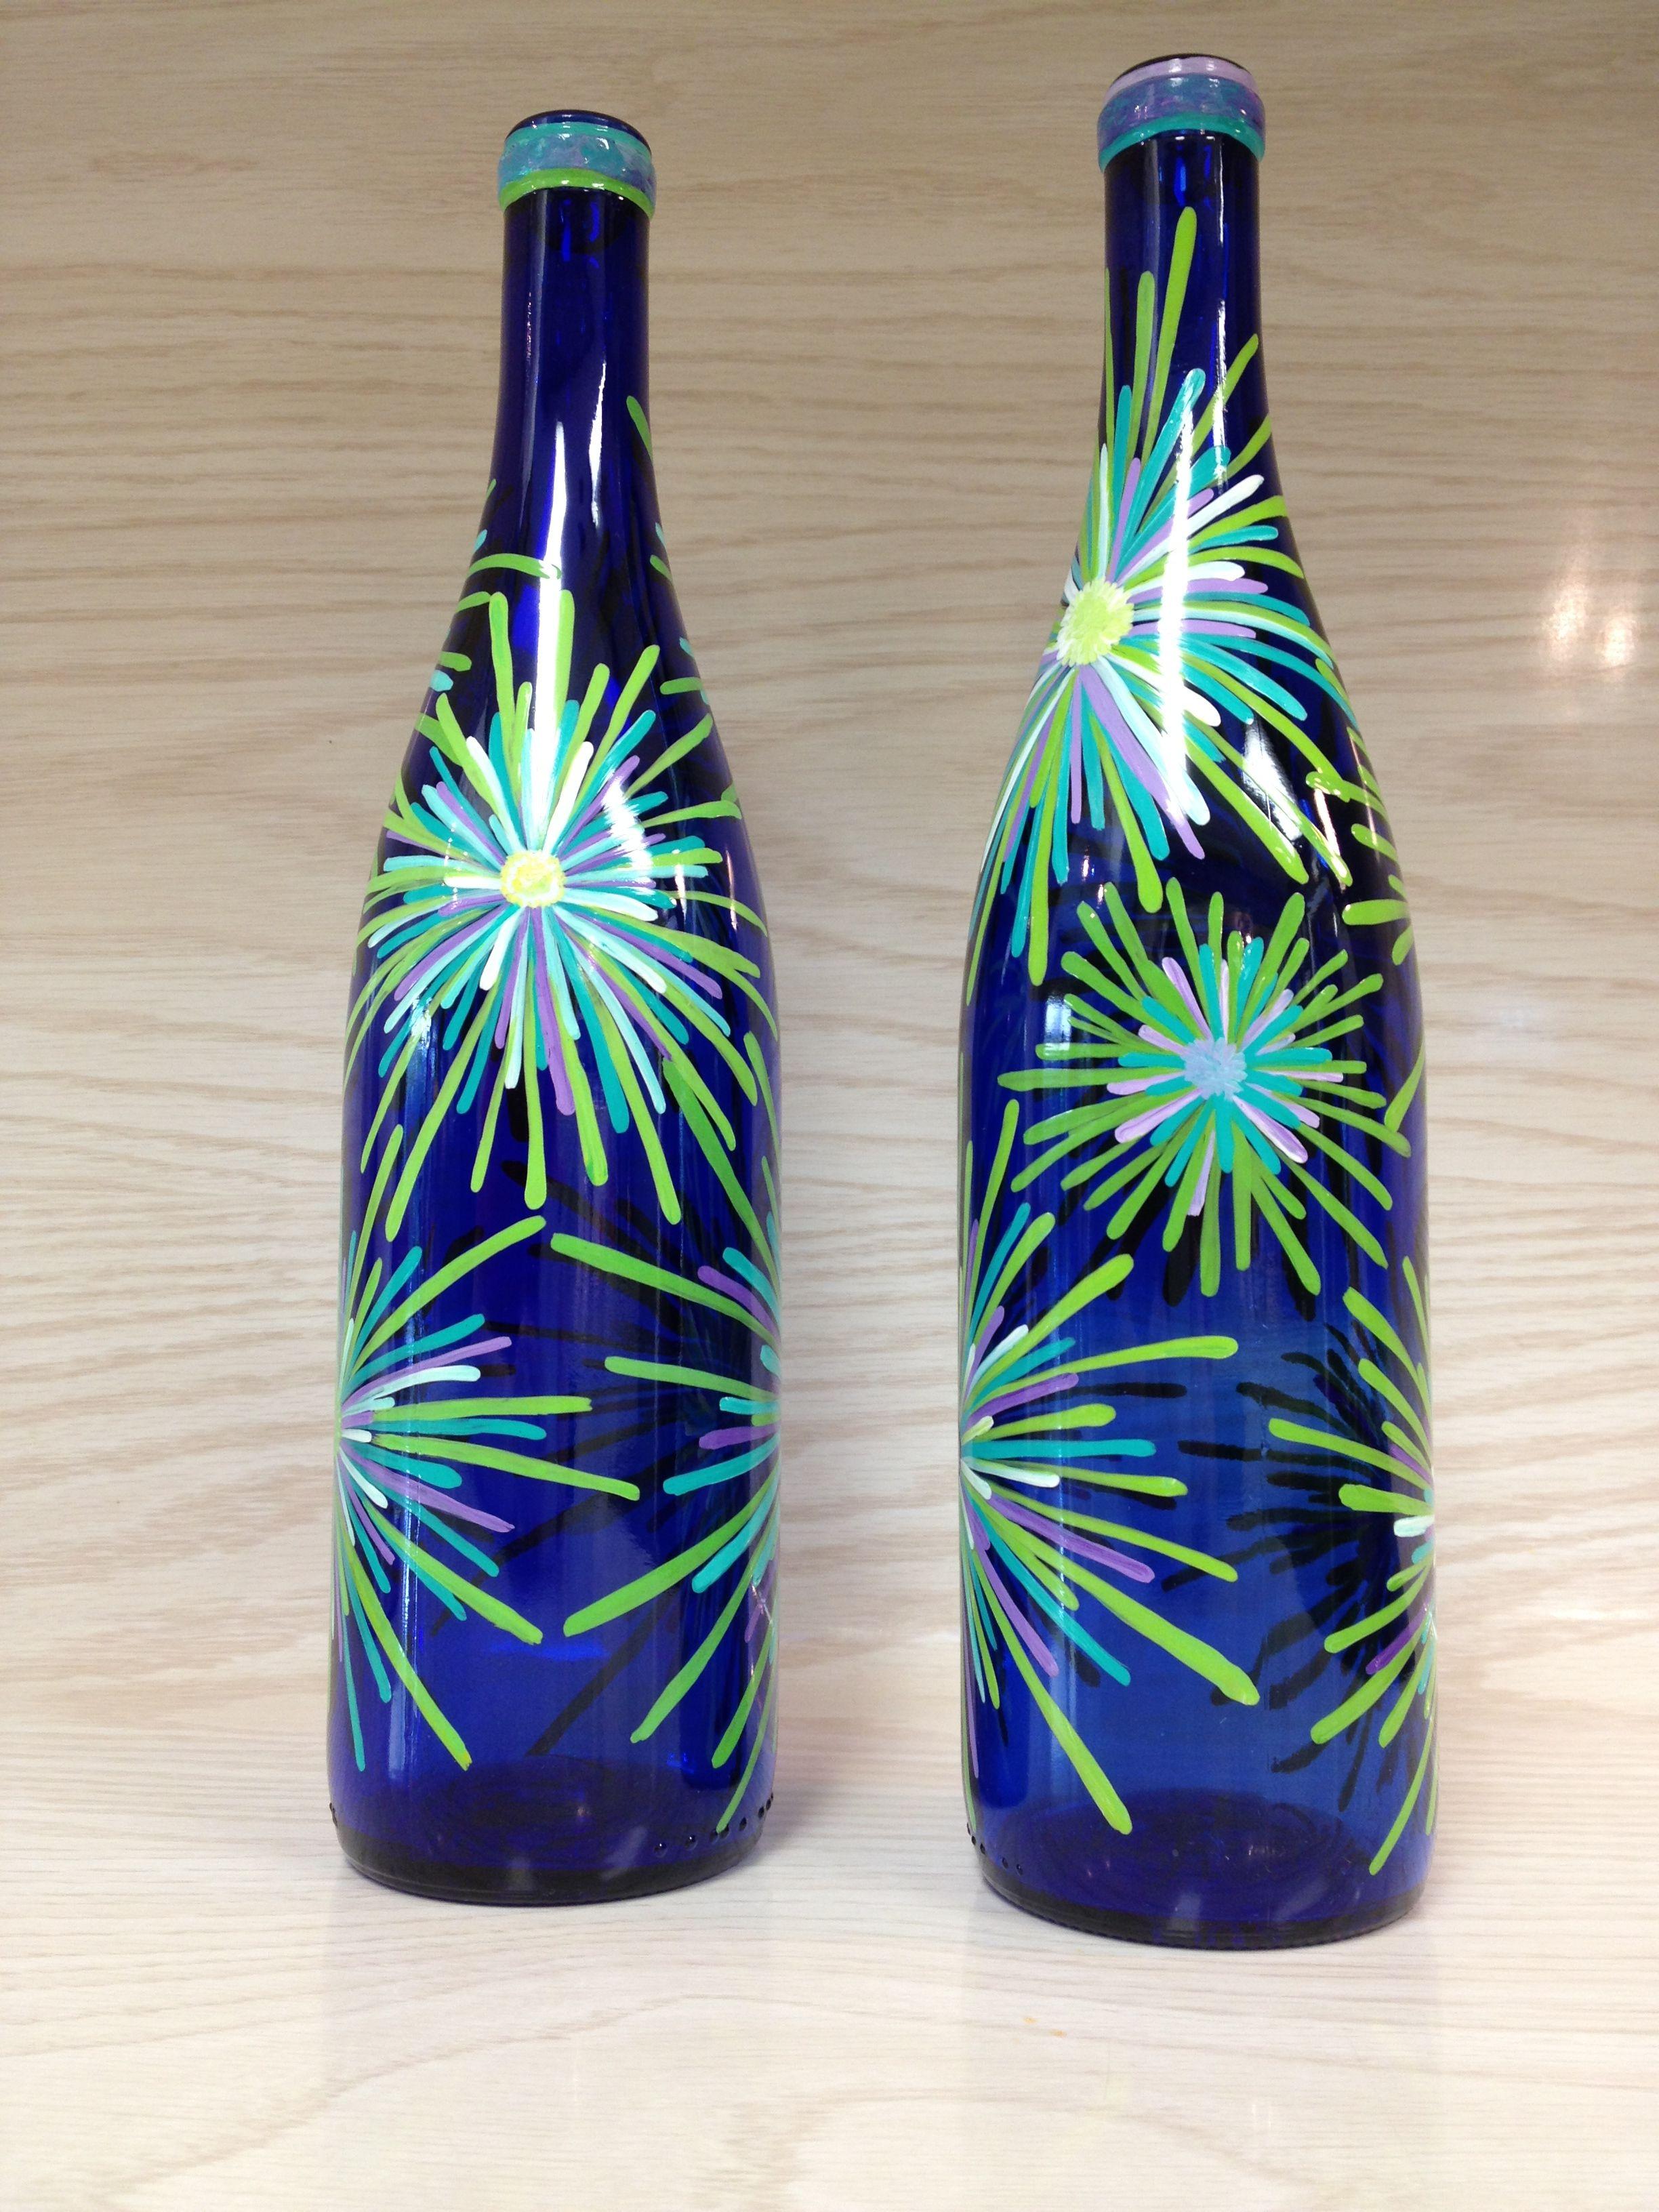 Color Splash design on cobalt blue glass